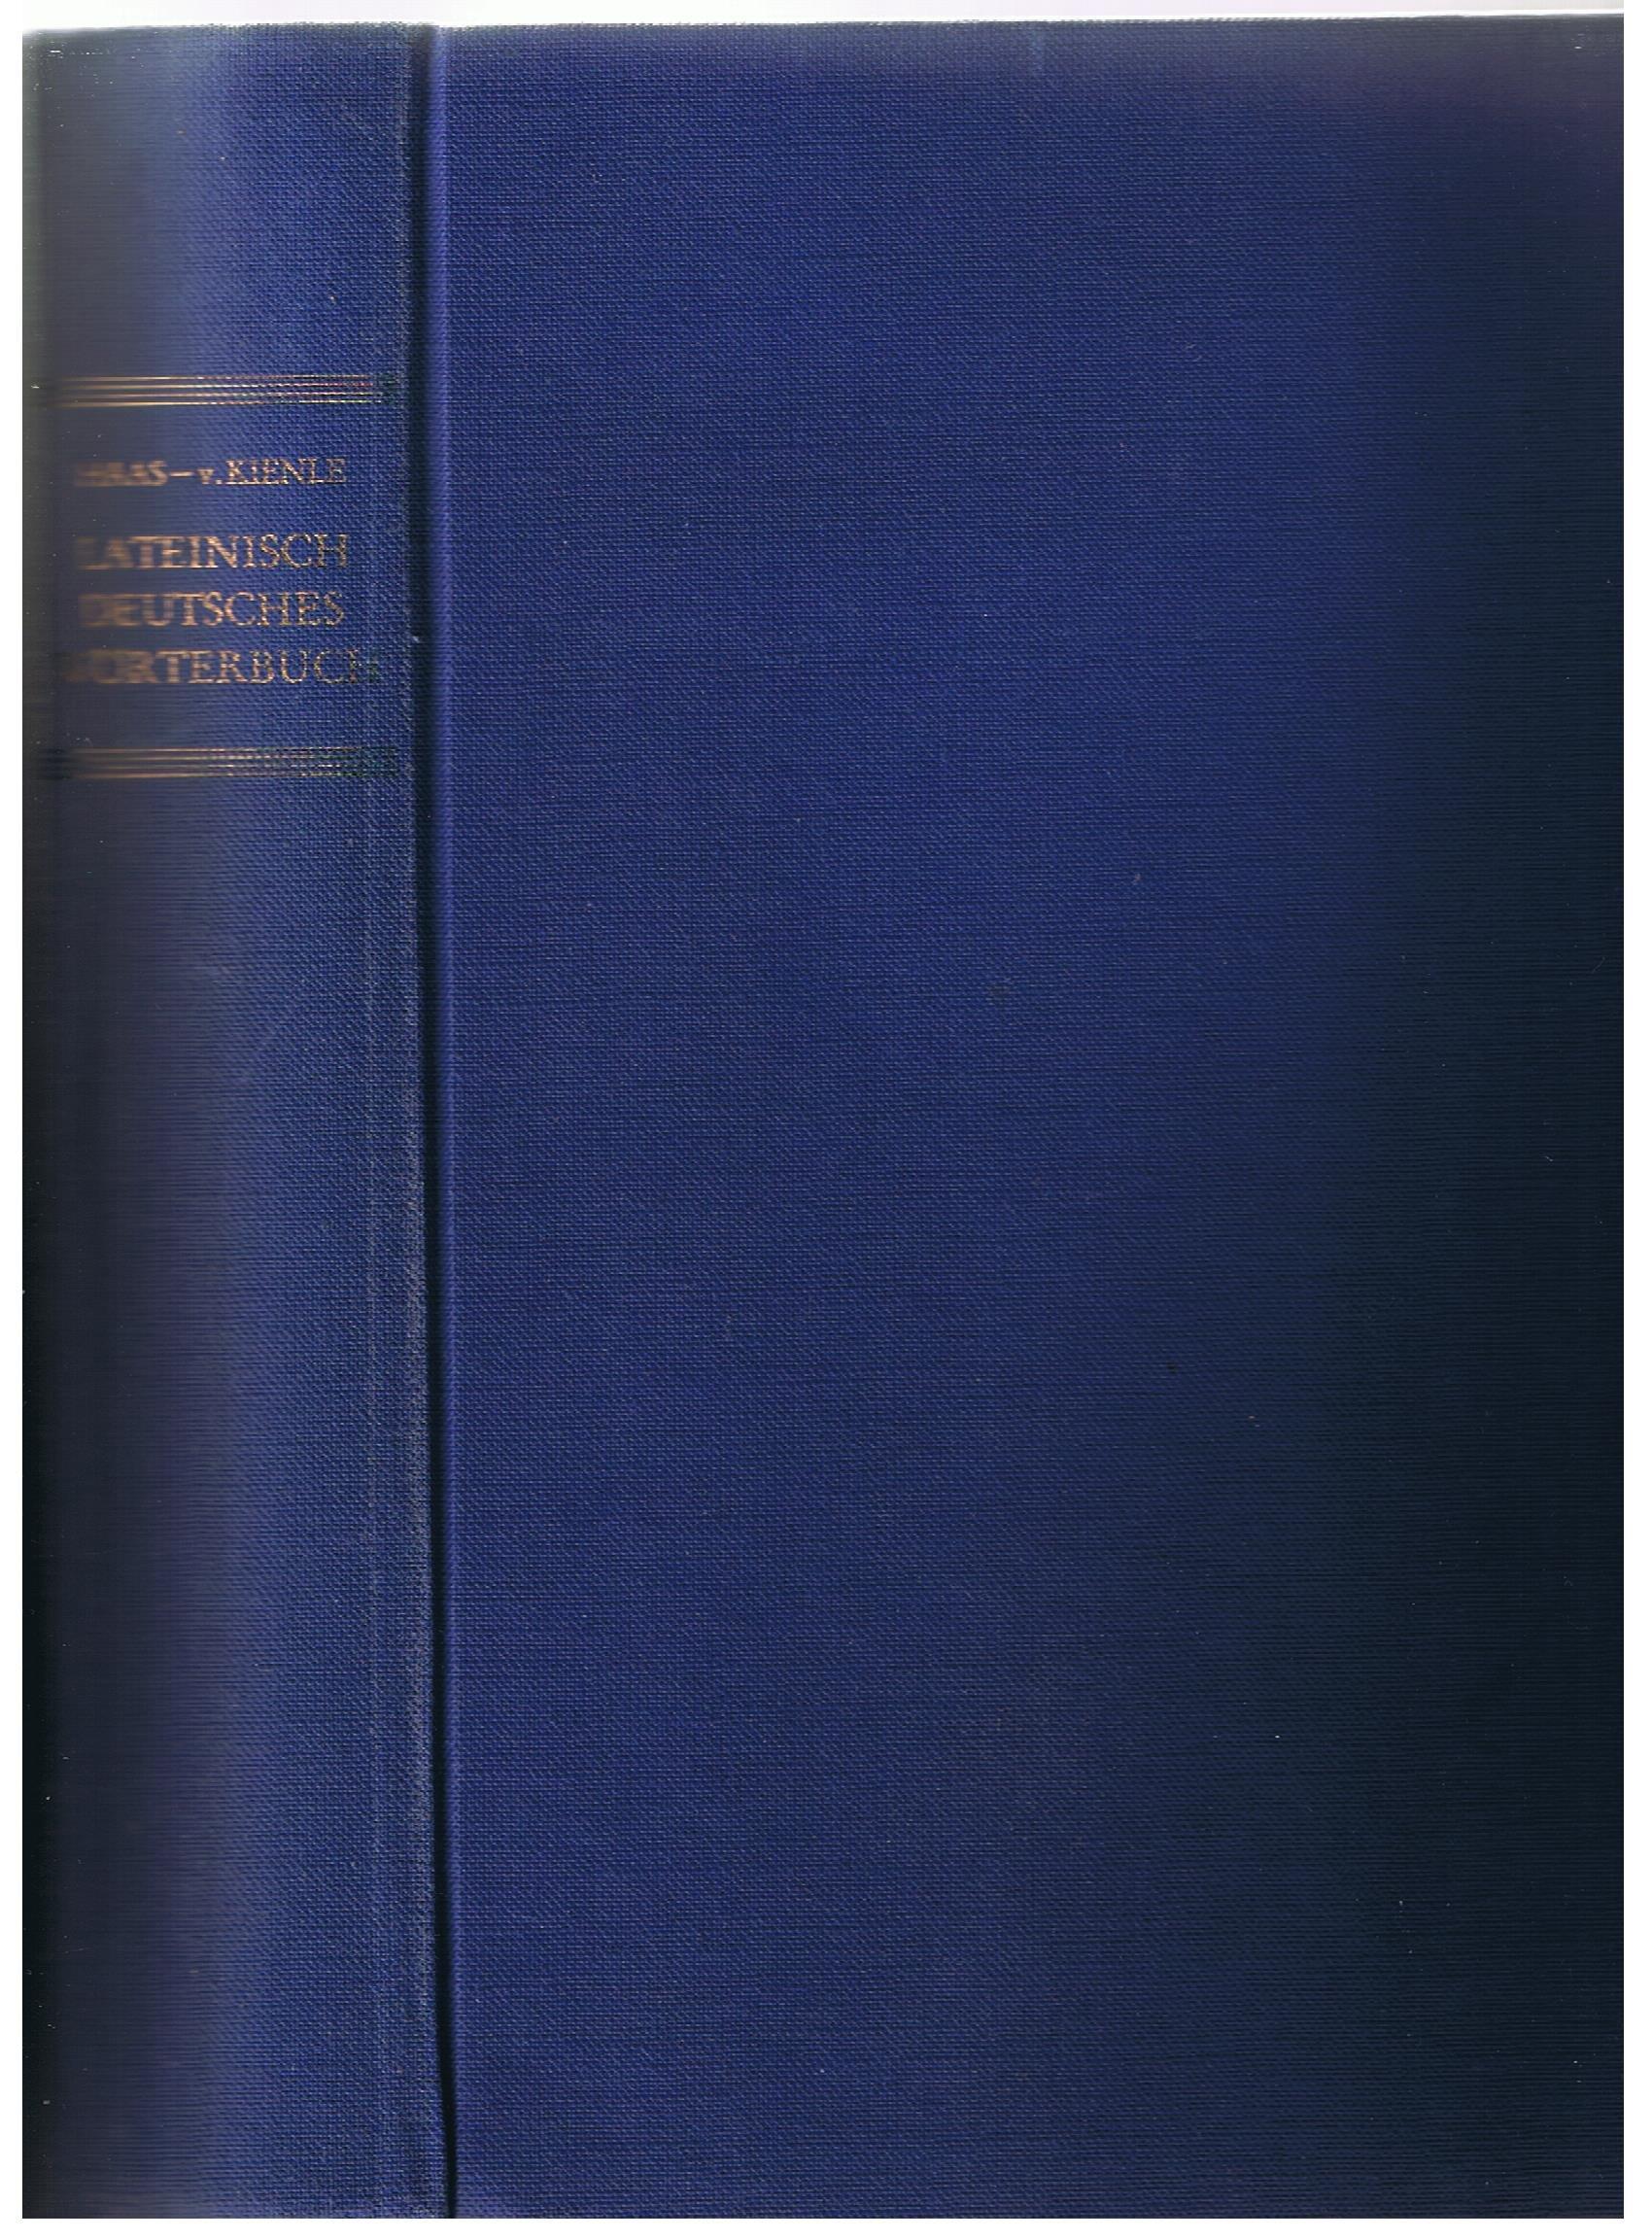 Lateinisch-deutsches Wörterbuch